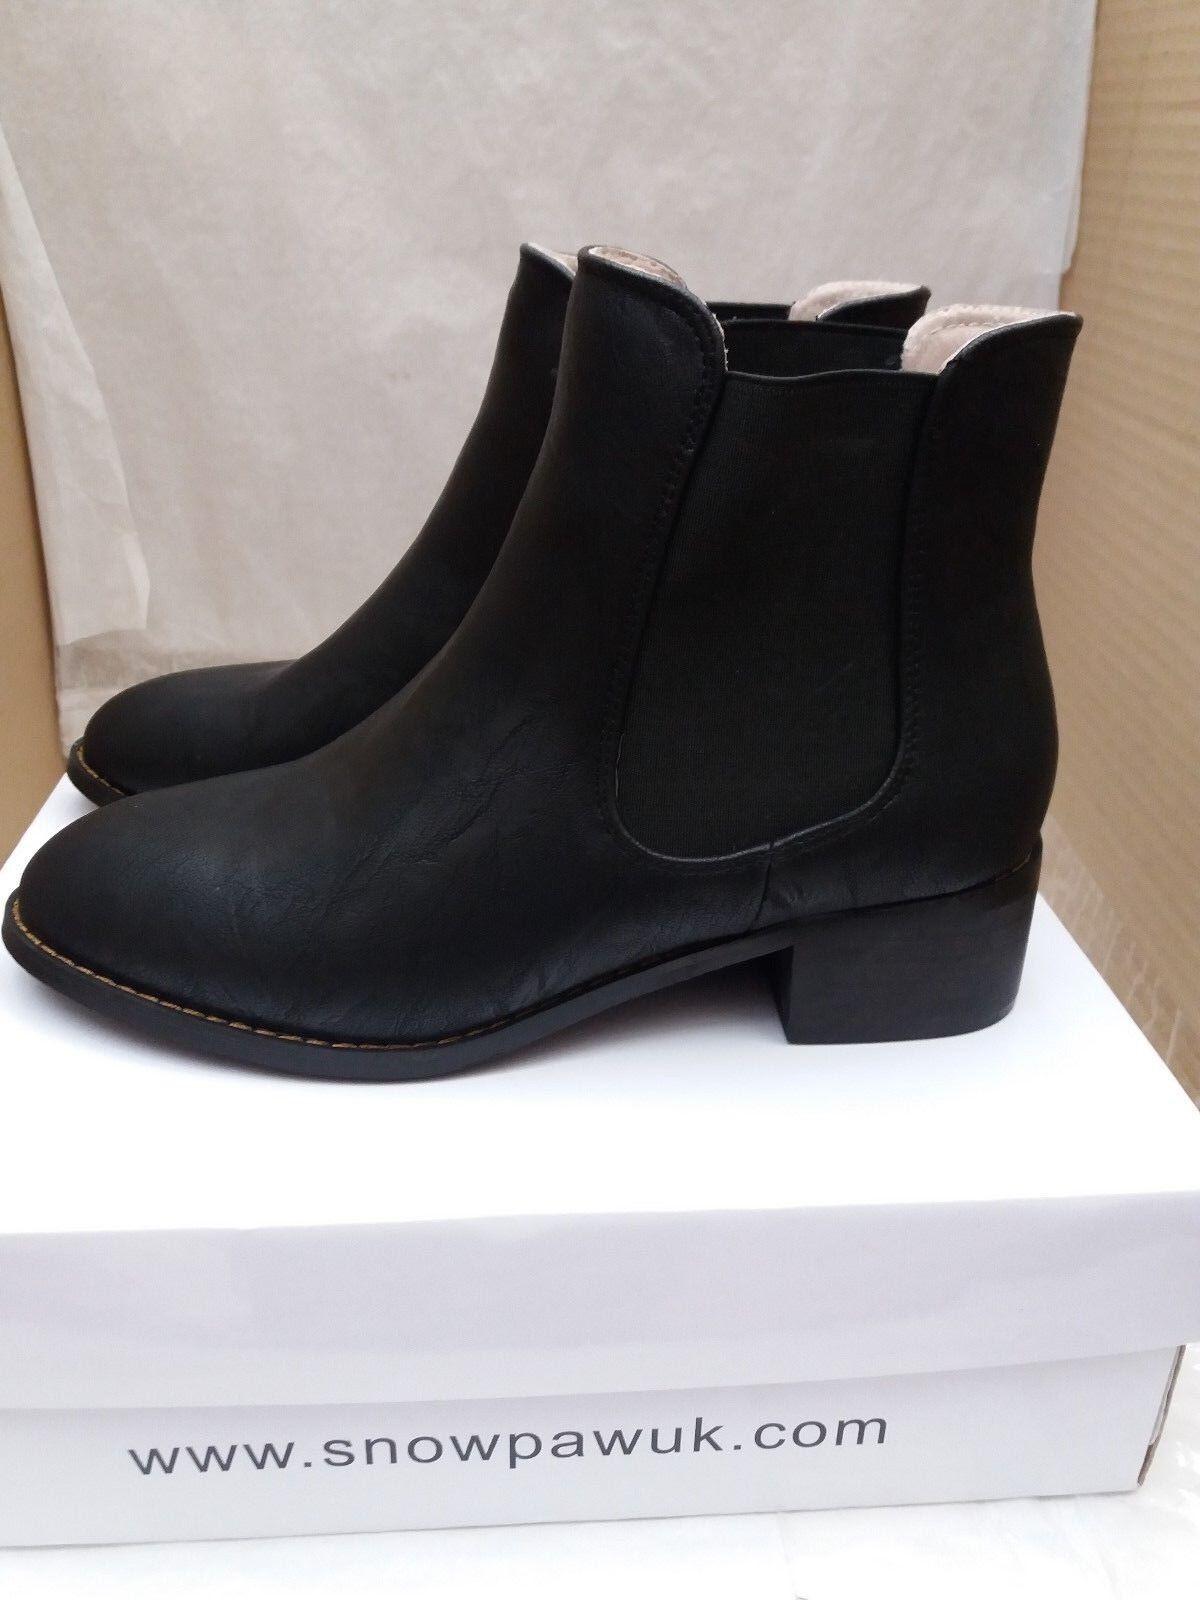 Neige patte de femmes en cuir noir Bottines Chelsea - 5945-UK 5